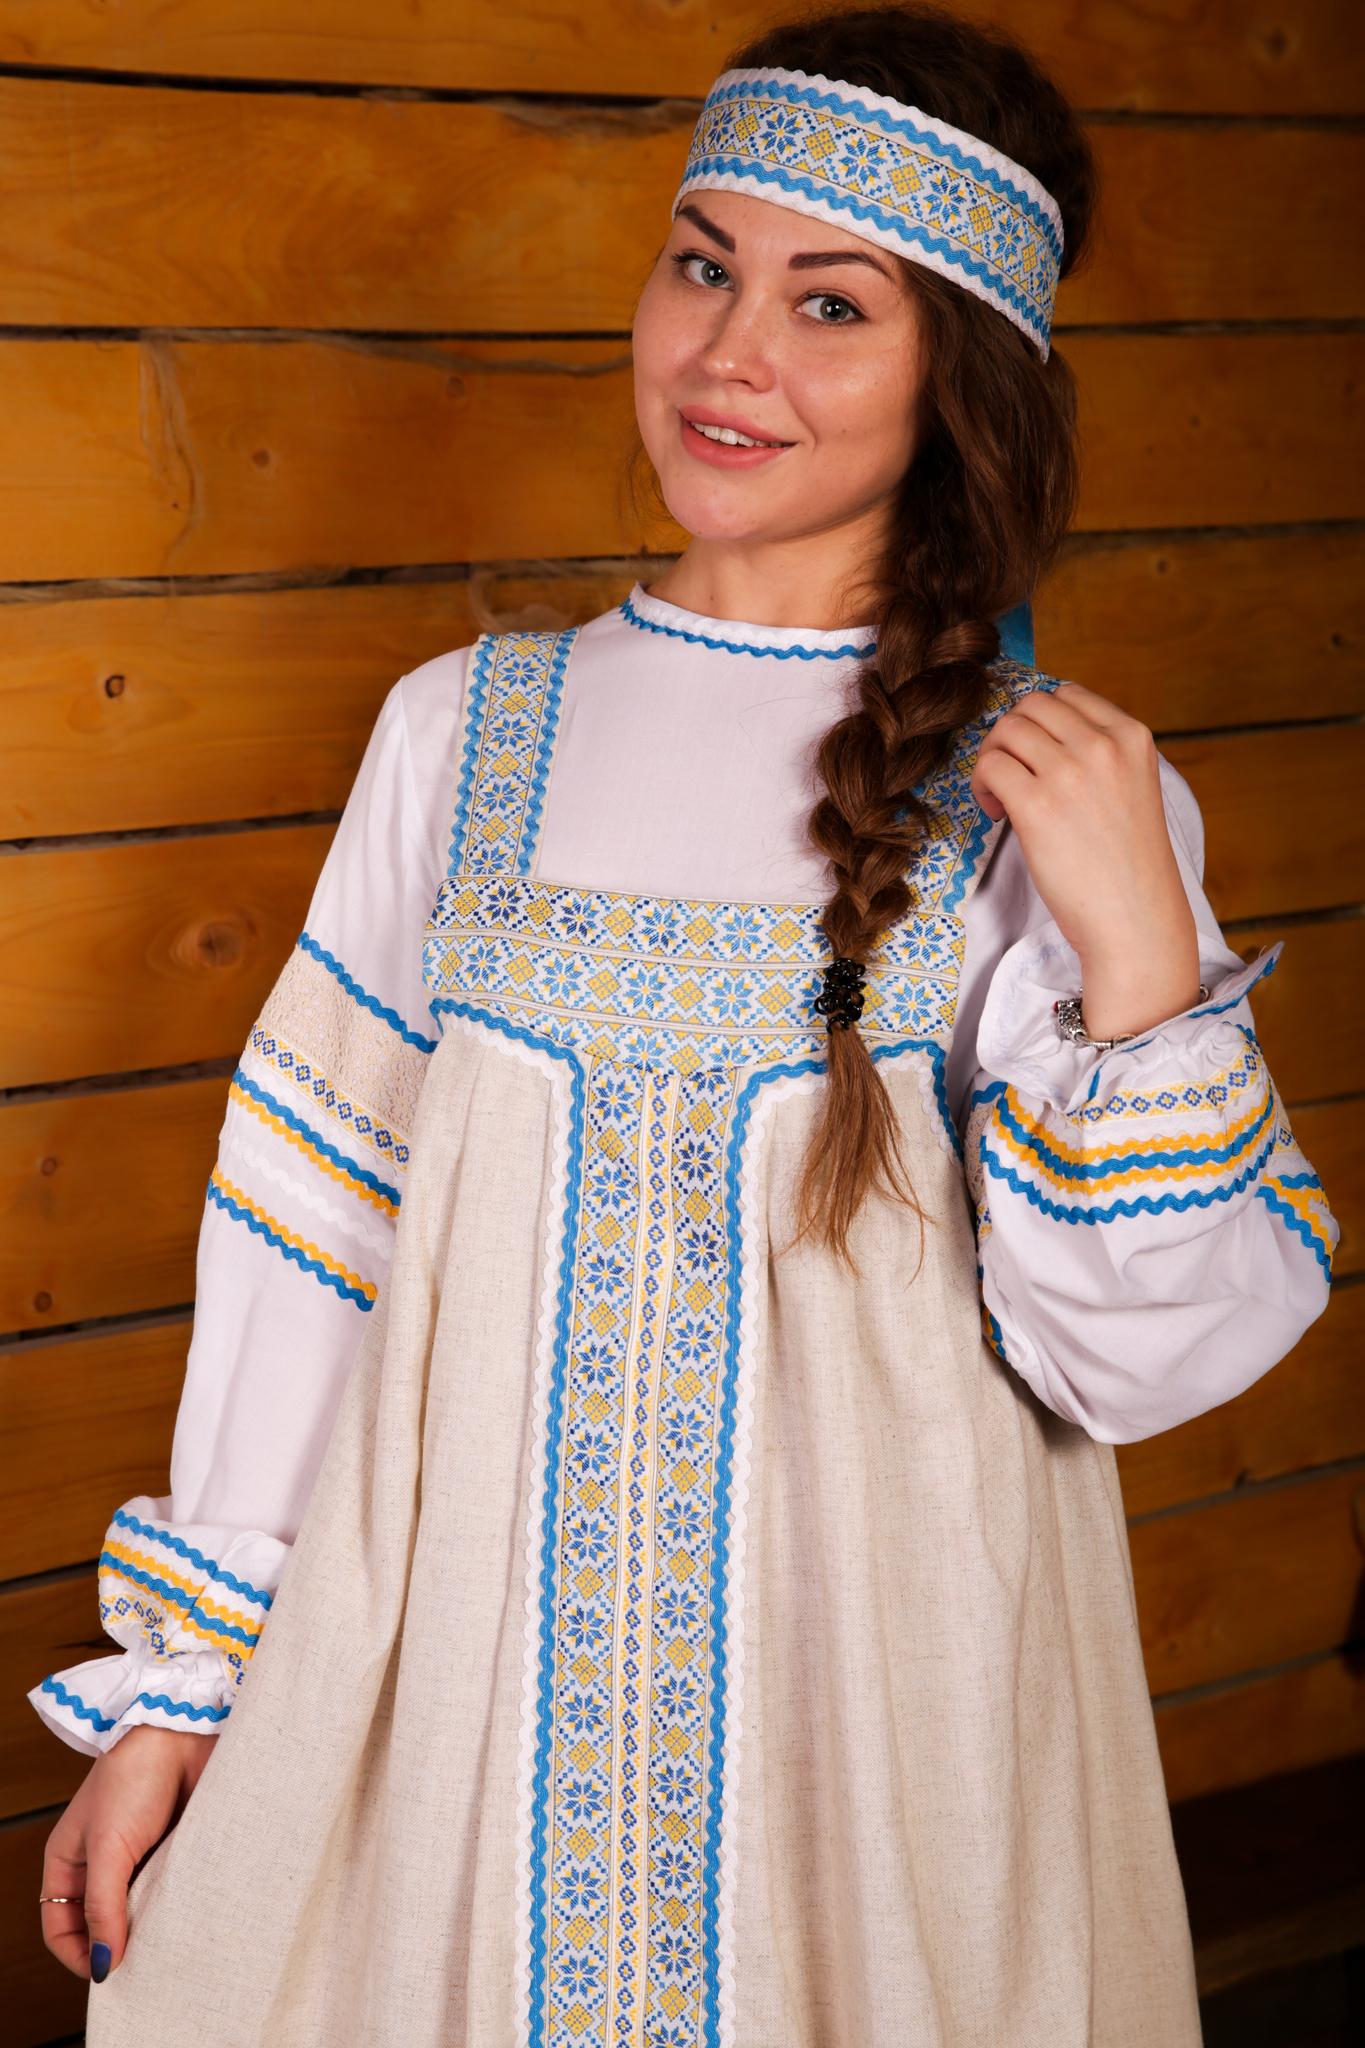 русский народный костюм Иванка от Костюм Шоу приближенный фрагмент